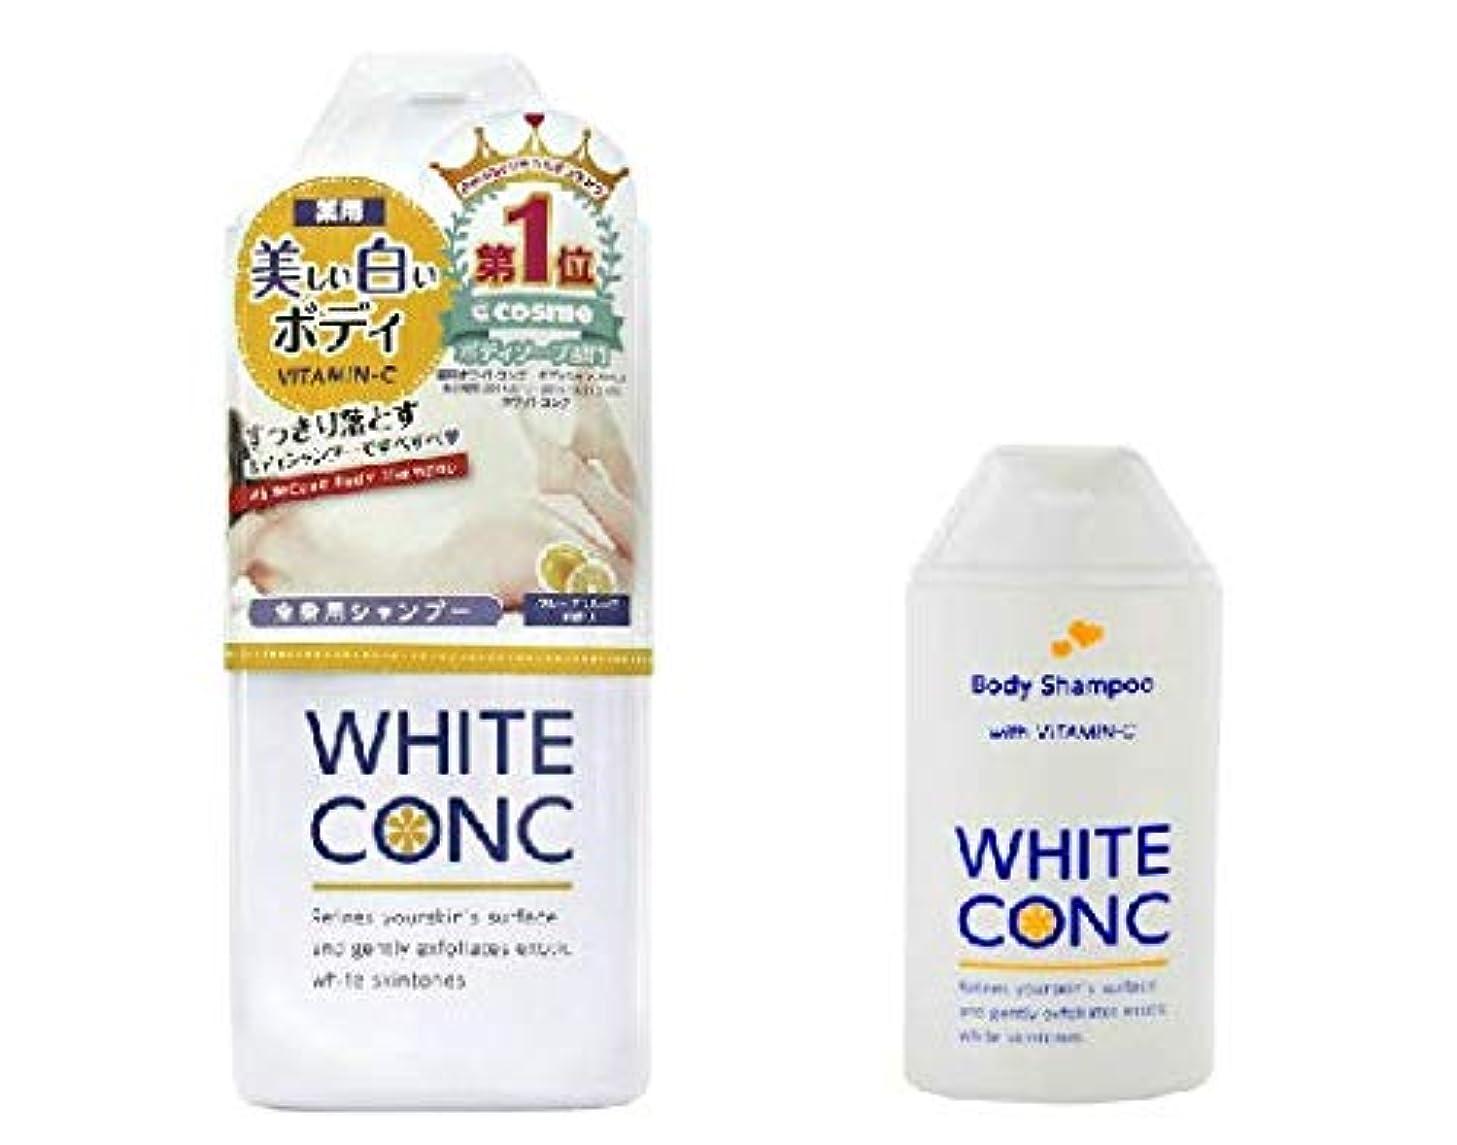 あいまいな悩み痛い【WHITE CONC(ホワイトコンク)】 ボディシャンプーC Ⅱ_360mL1本&150mL1本